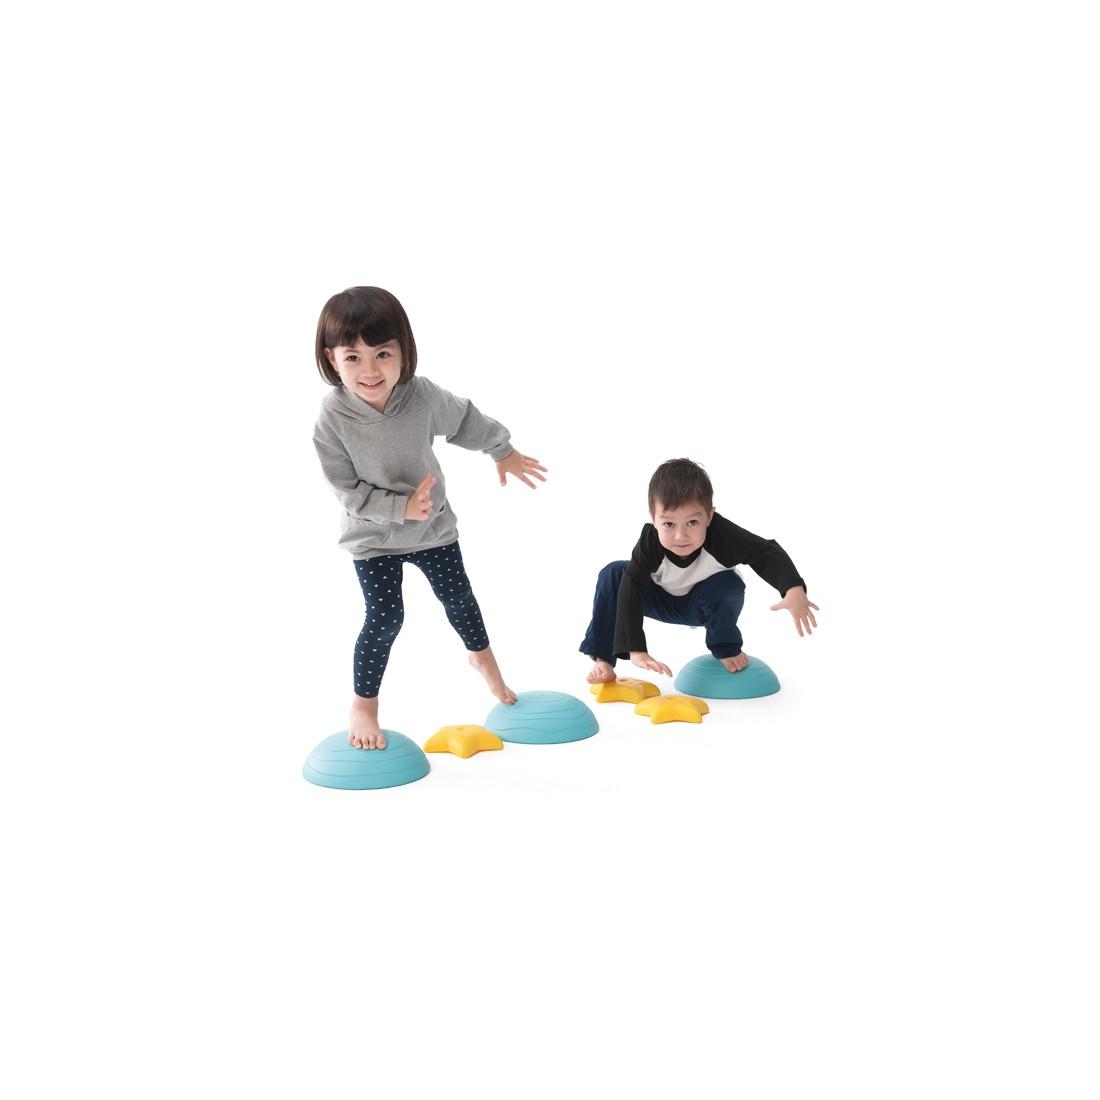 Les pierres scintillantes d'équilibre pour la psychomotricité des enfants